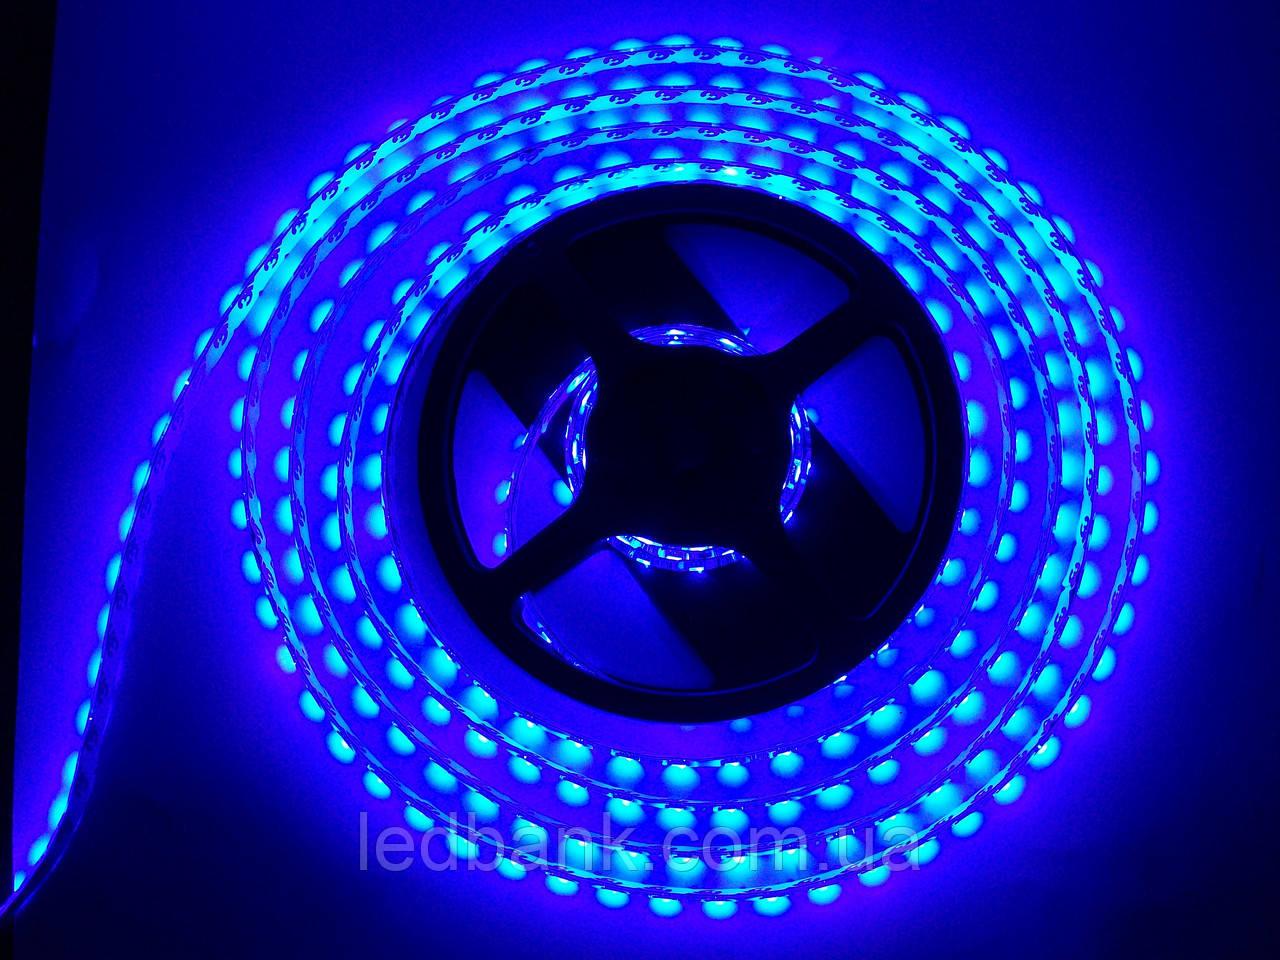 """Светодиодная лента SMD 3528 120 LED/m IP20 синяя - Интернет-магазин """"LEDBANK"""" - светодиодное освещение в Киеве"""